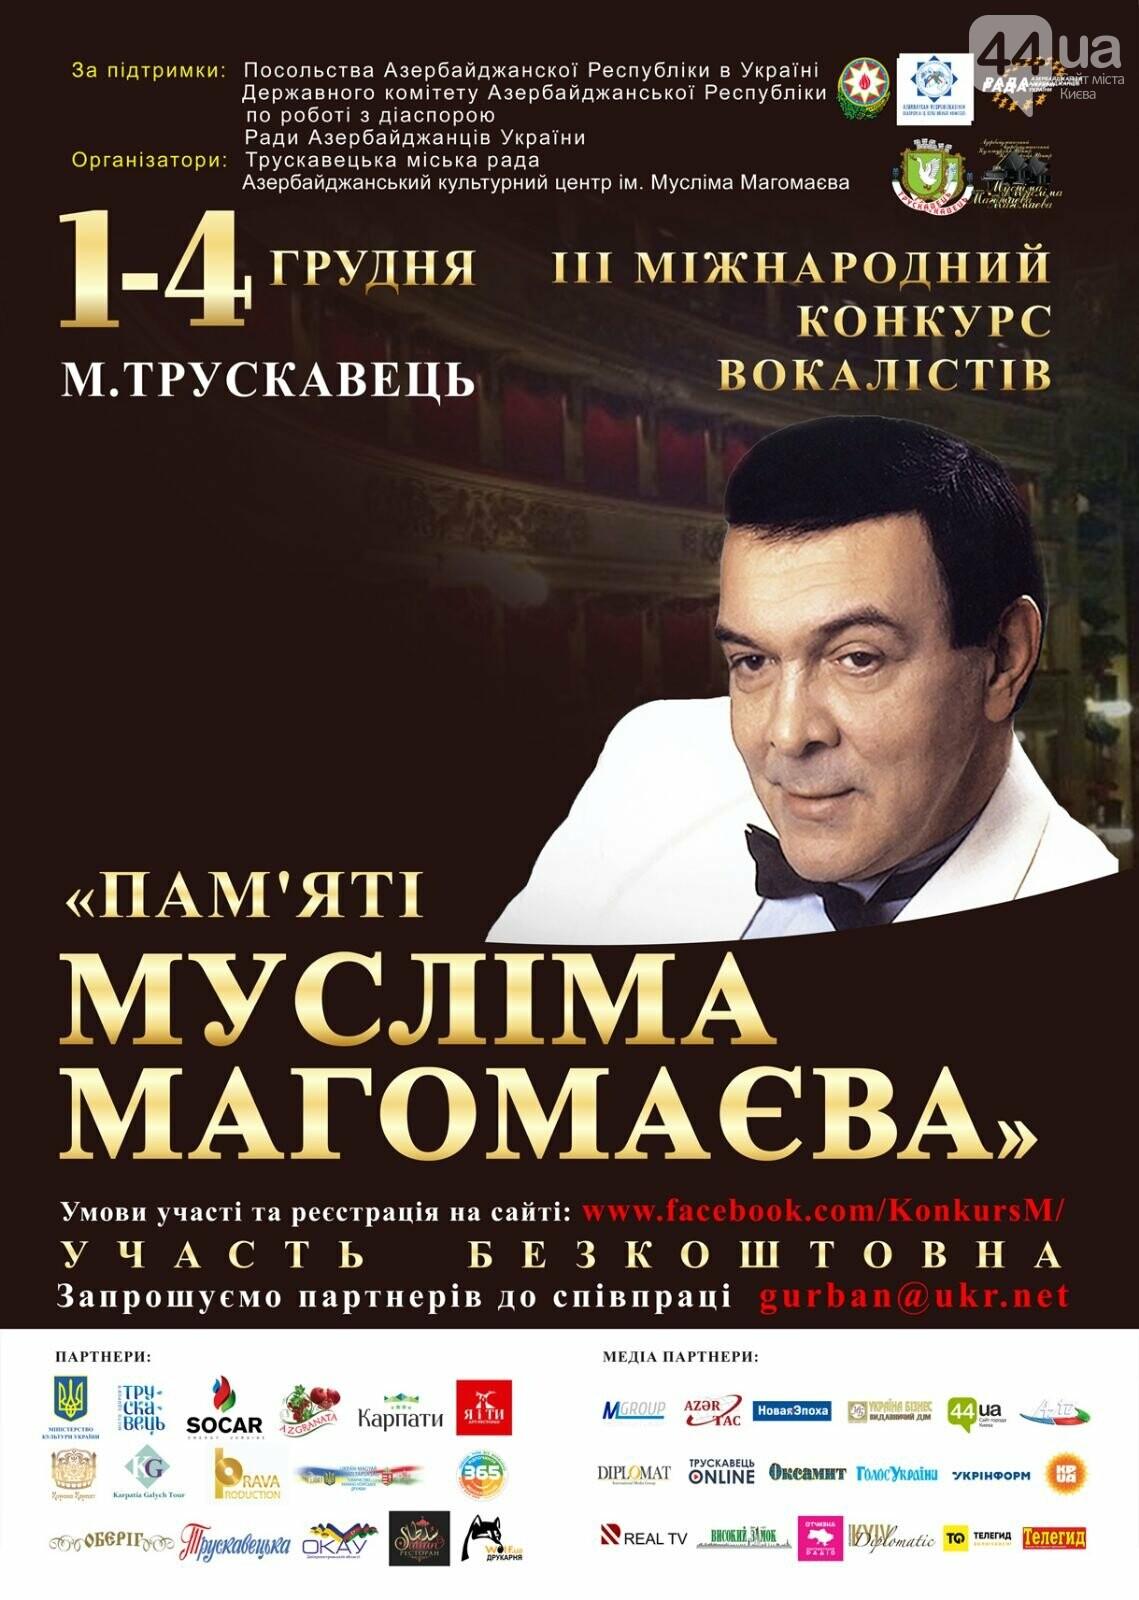 З 1 по 4 грудня 2020 року в Трускавці, відбувся  ІІІ Міжнародний Конкурс Вокалістів «Пам'яті Мусліма Магомаєва», фото-1